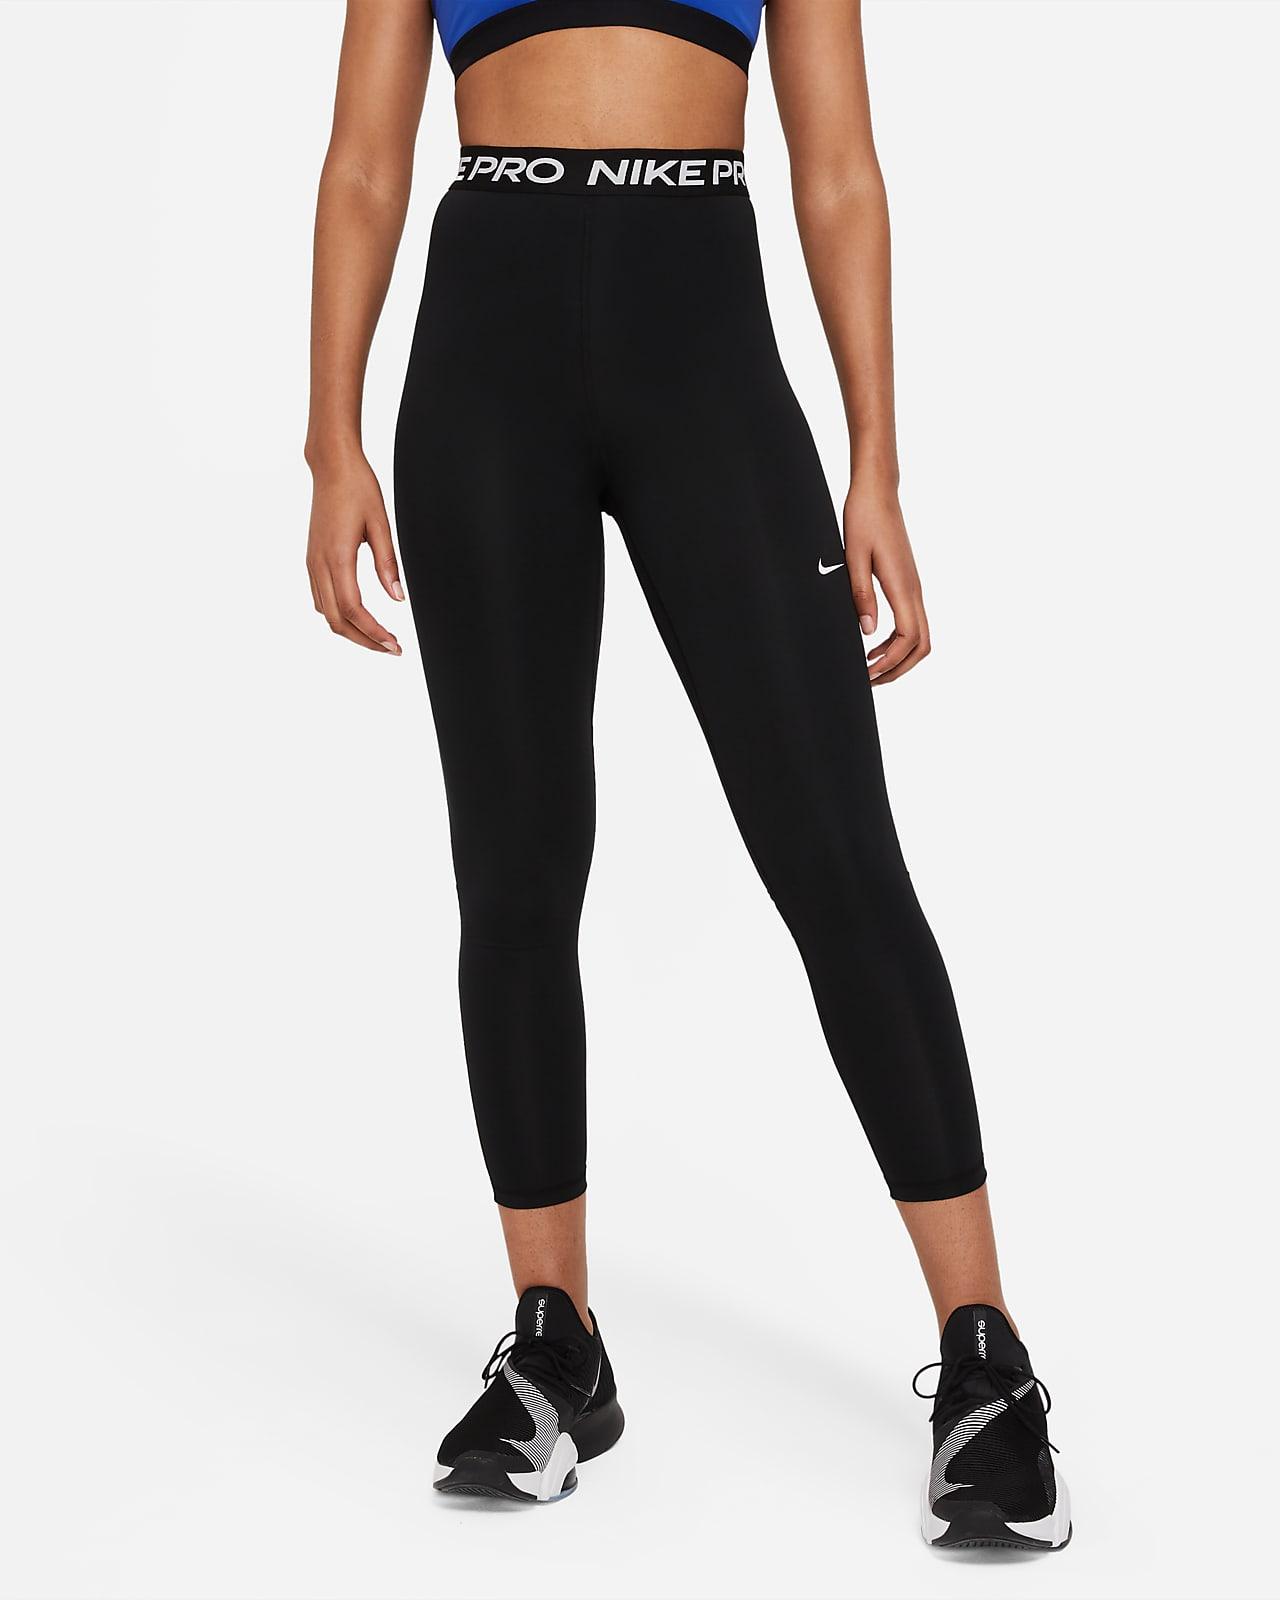 Nike Pro 365 Yüksek Belli 7/8 Kadın Taytı